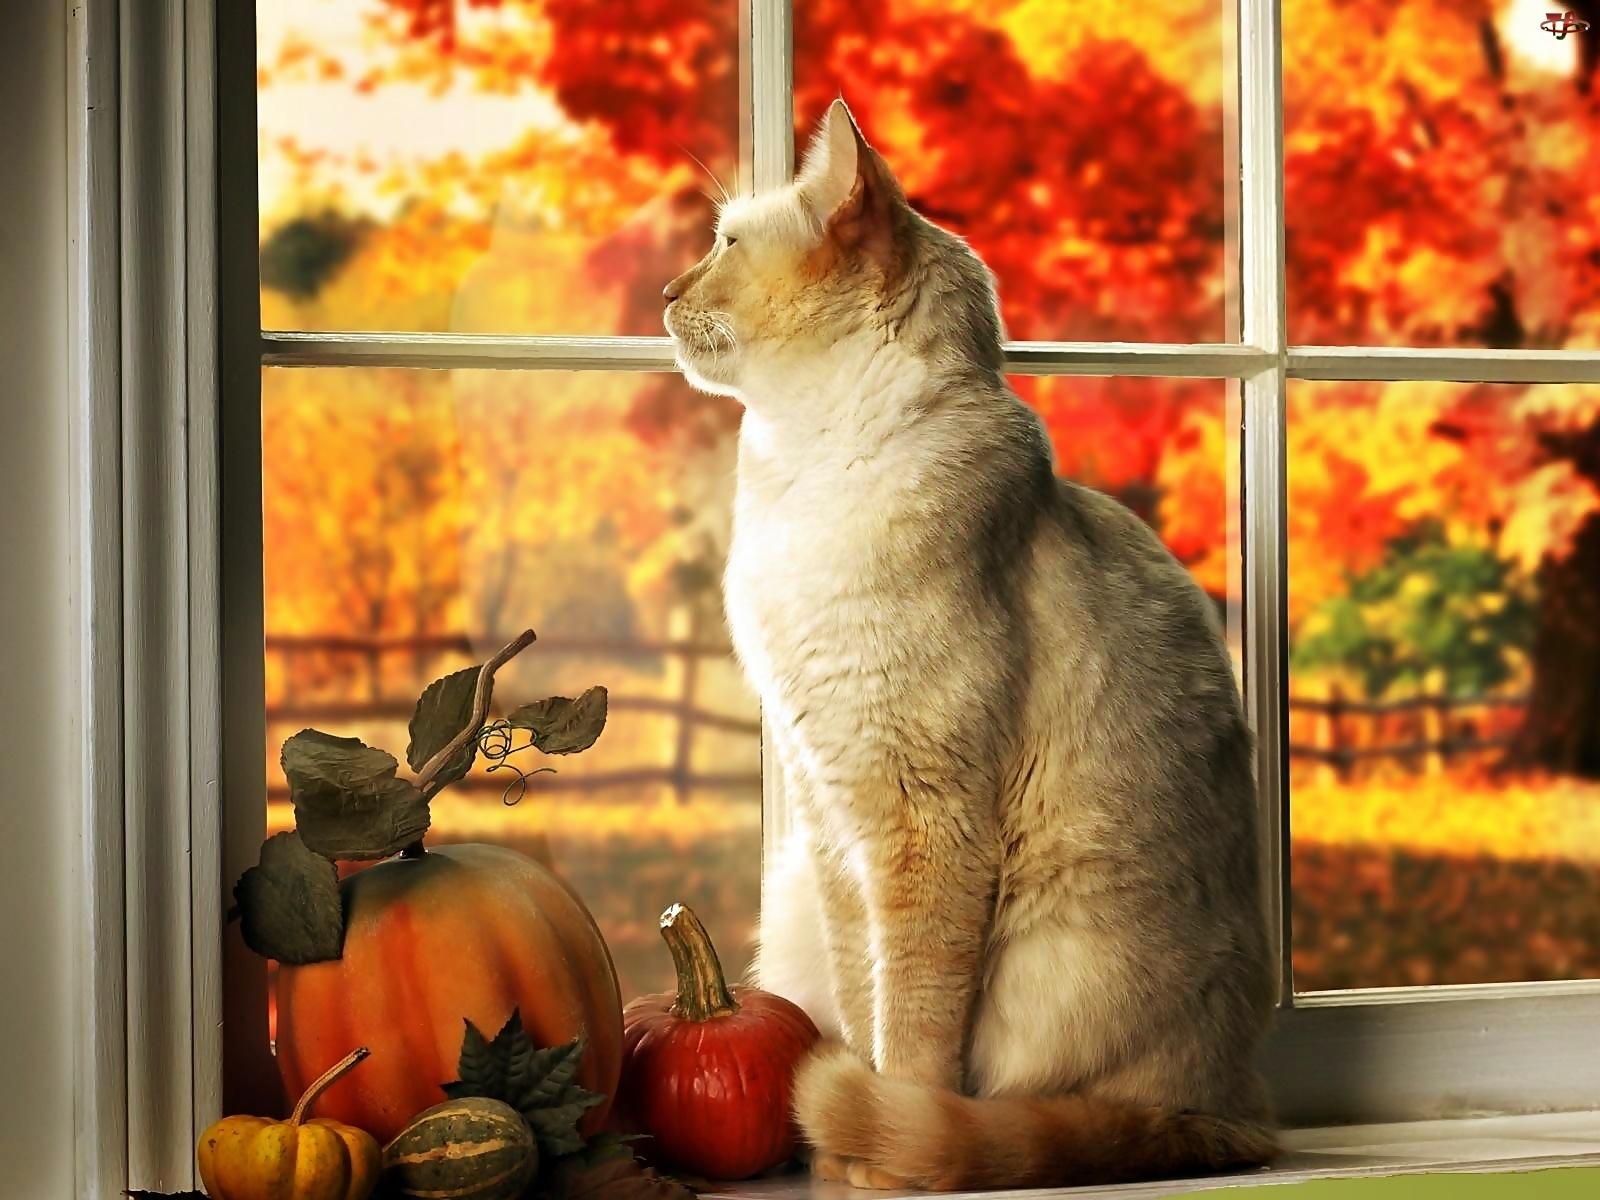 Ogród, Kot, Dynie, W Oknie, Jesienny